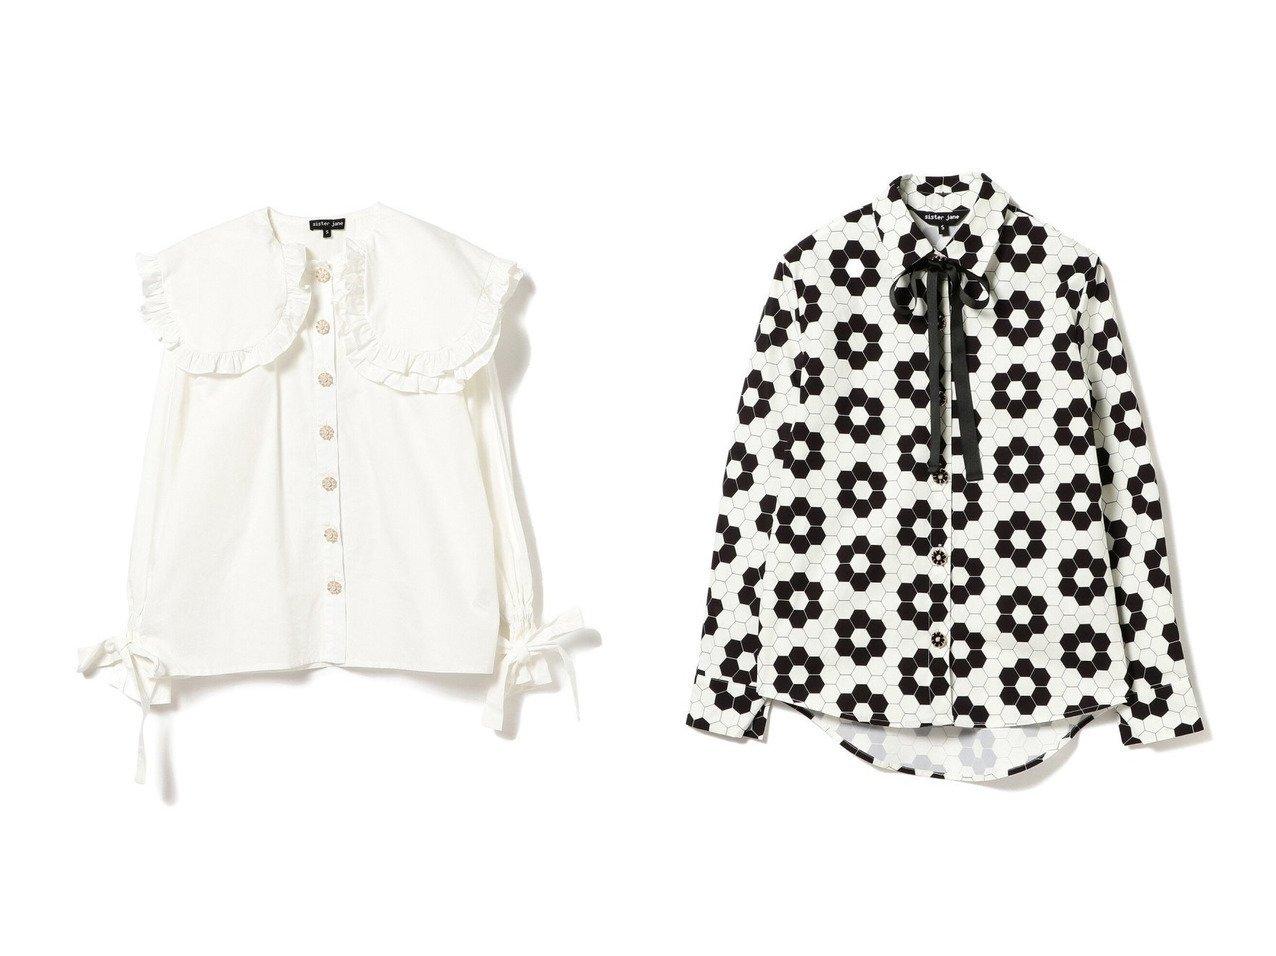 【Ray BEAMS/レイ ビームス】のFox Trot Collar Blouses&Daisy Bowtie Blouses トップス・カットソーのおすすめ!人気、トレンド・レディースファッションの通販  おすすめで人気の流行・トレンド、ファッションの通販商品 メンズファッション・キッズファッション・インテリア・家具・レディースファッション・服の通販 founy(ファニー) https://founy.com/ ファッション Fashion レディースファッション WOMEN トップス Tops Tshirt シャツ/ブラウス Shirts Blouses NEW・新作・新着・新入荷 New Arrivals カッティング トレンド リボン ロンドン 長袖 |ID:crp329100000010514